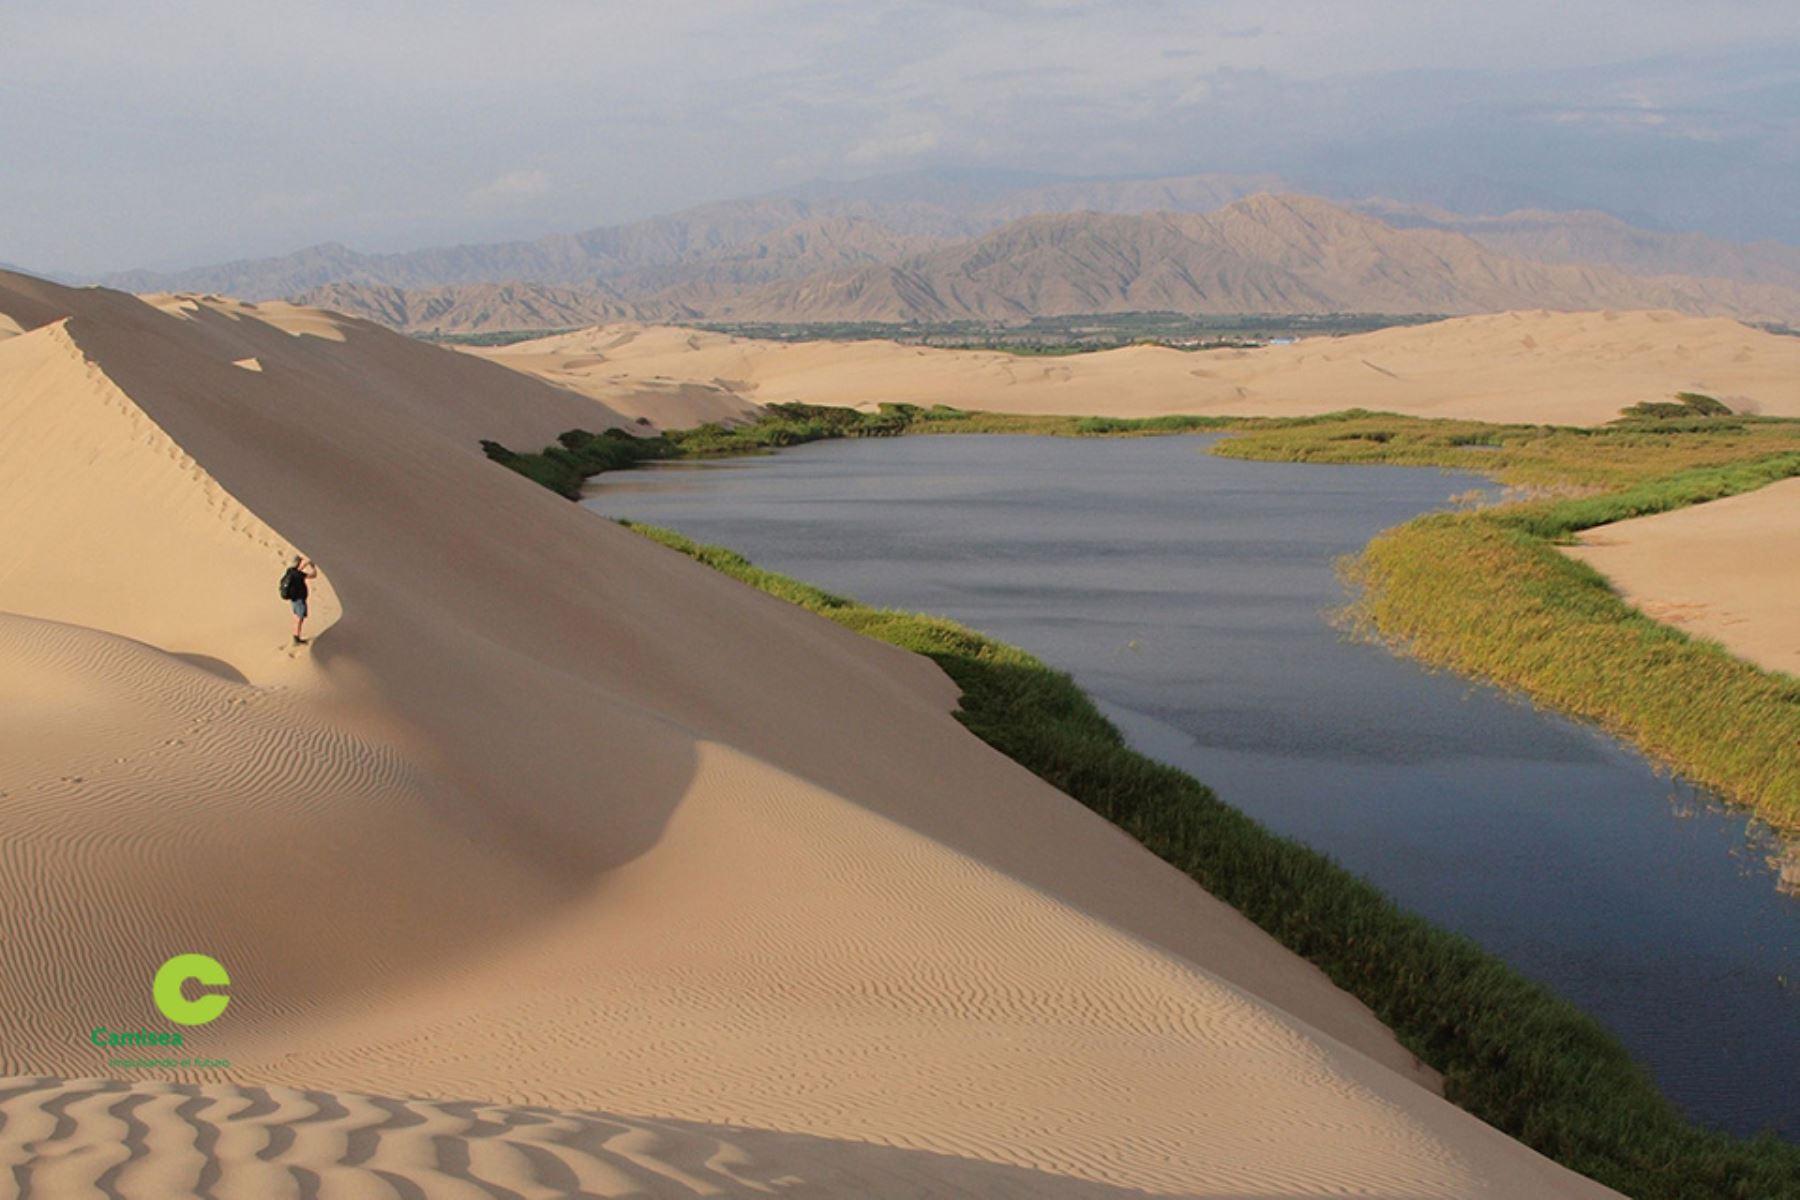 La laguna Morón es uno de los atractivos turísticos del distrito de Humay, provincia de Pisco, en Ica. ANDINA/Difusión